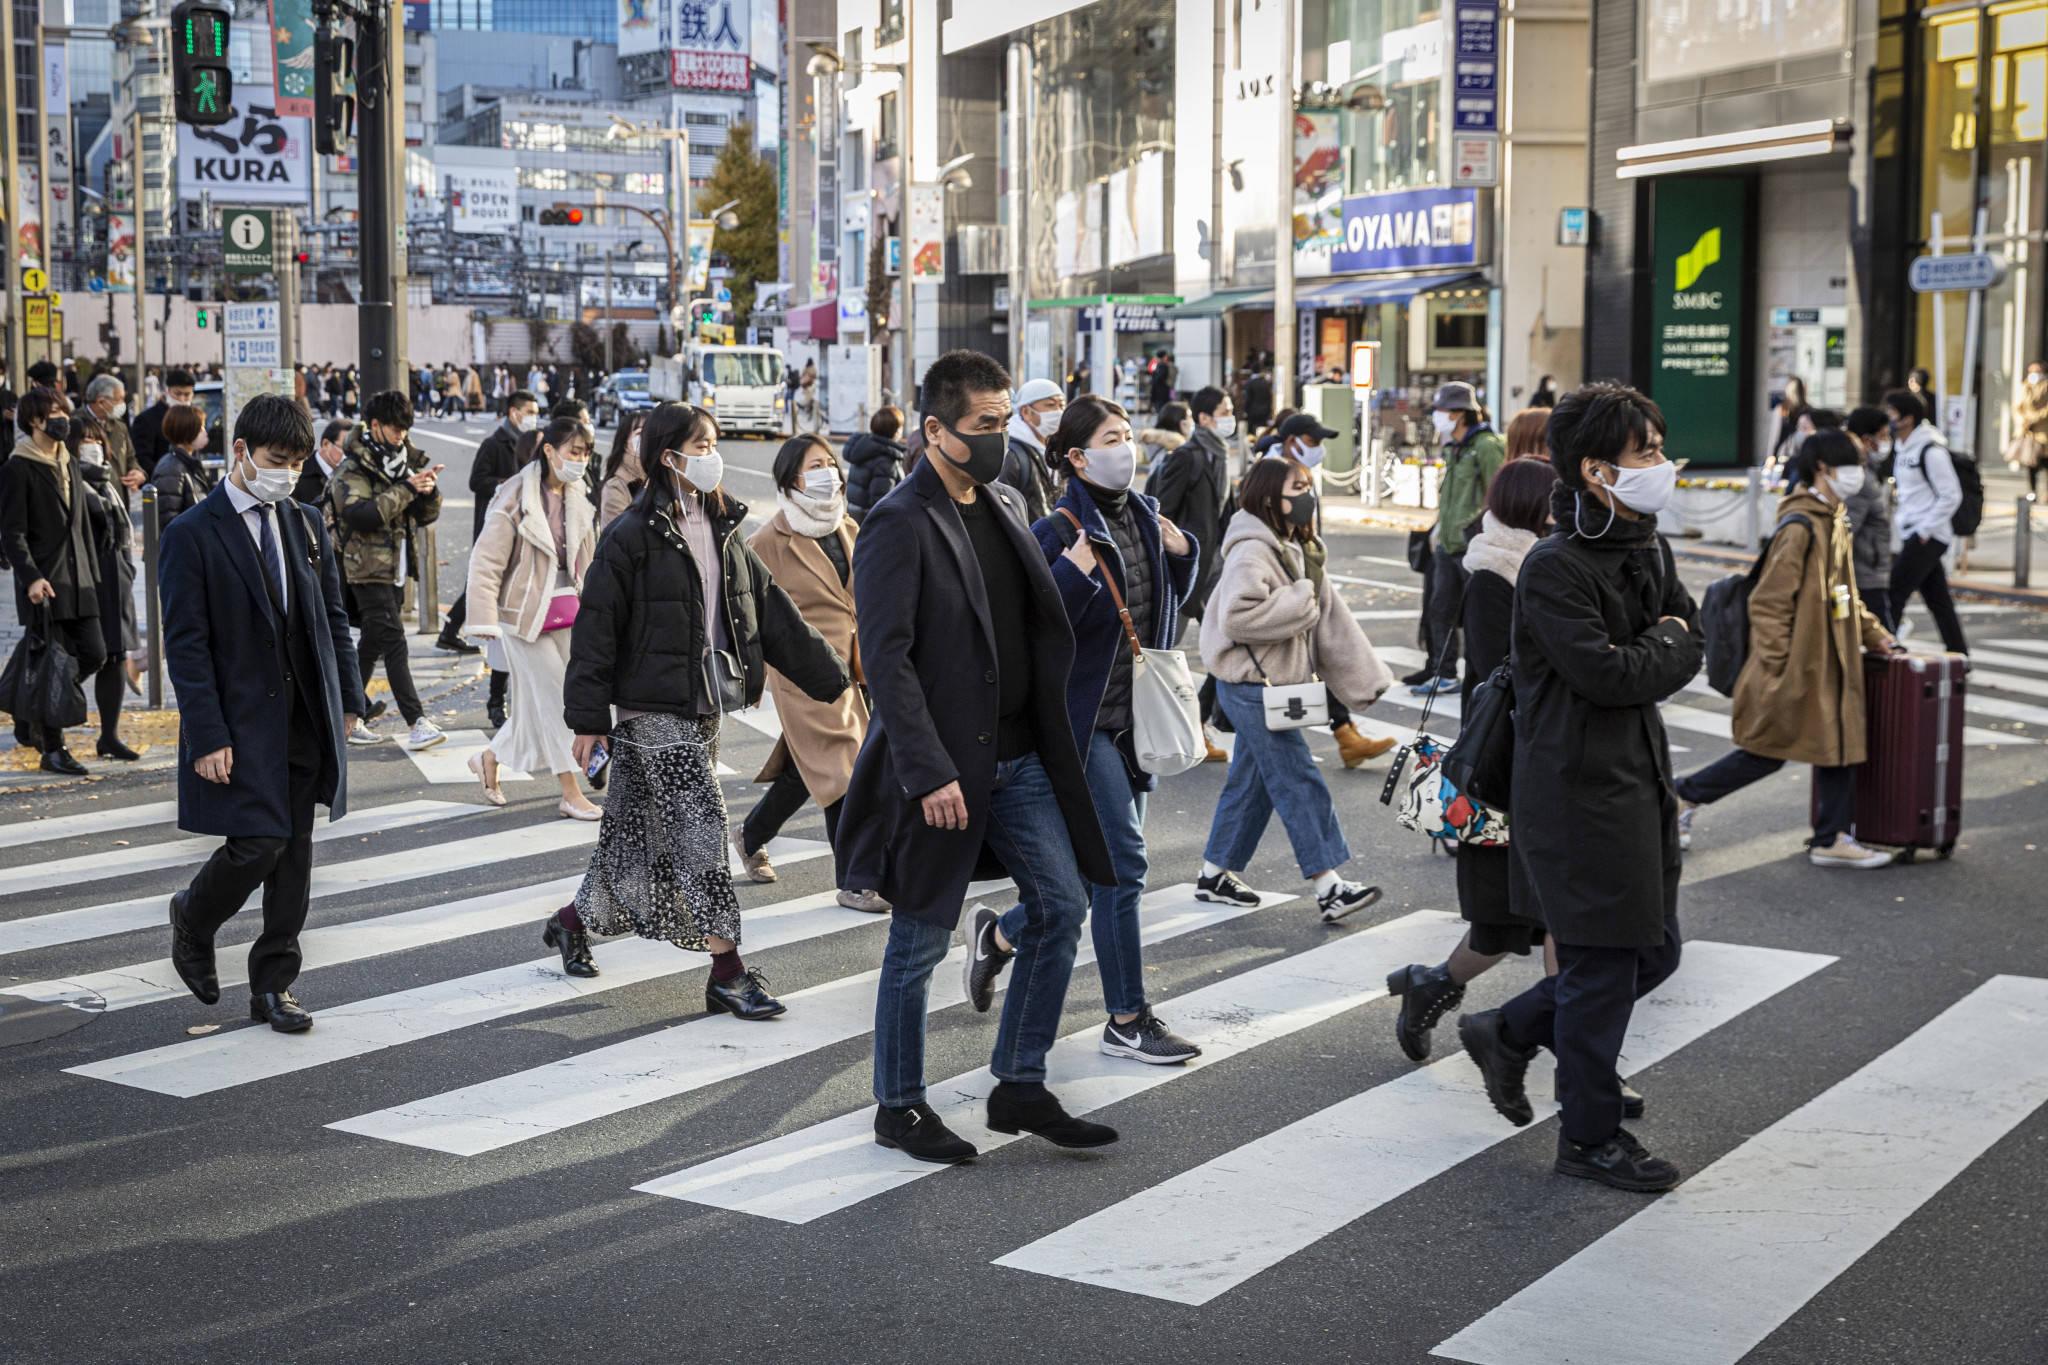 外媒曝日本考虑实施紧急状态 东京奥运再受影响